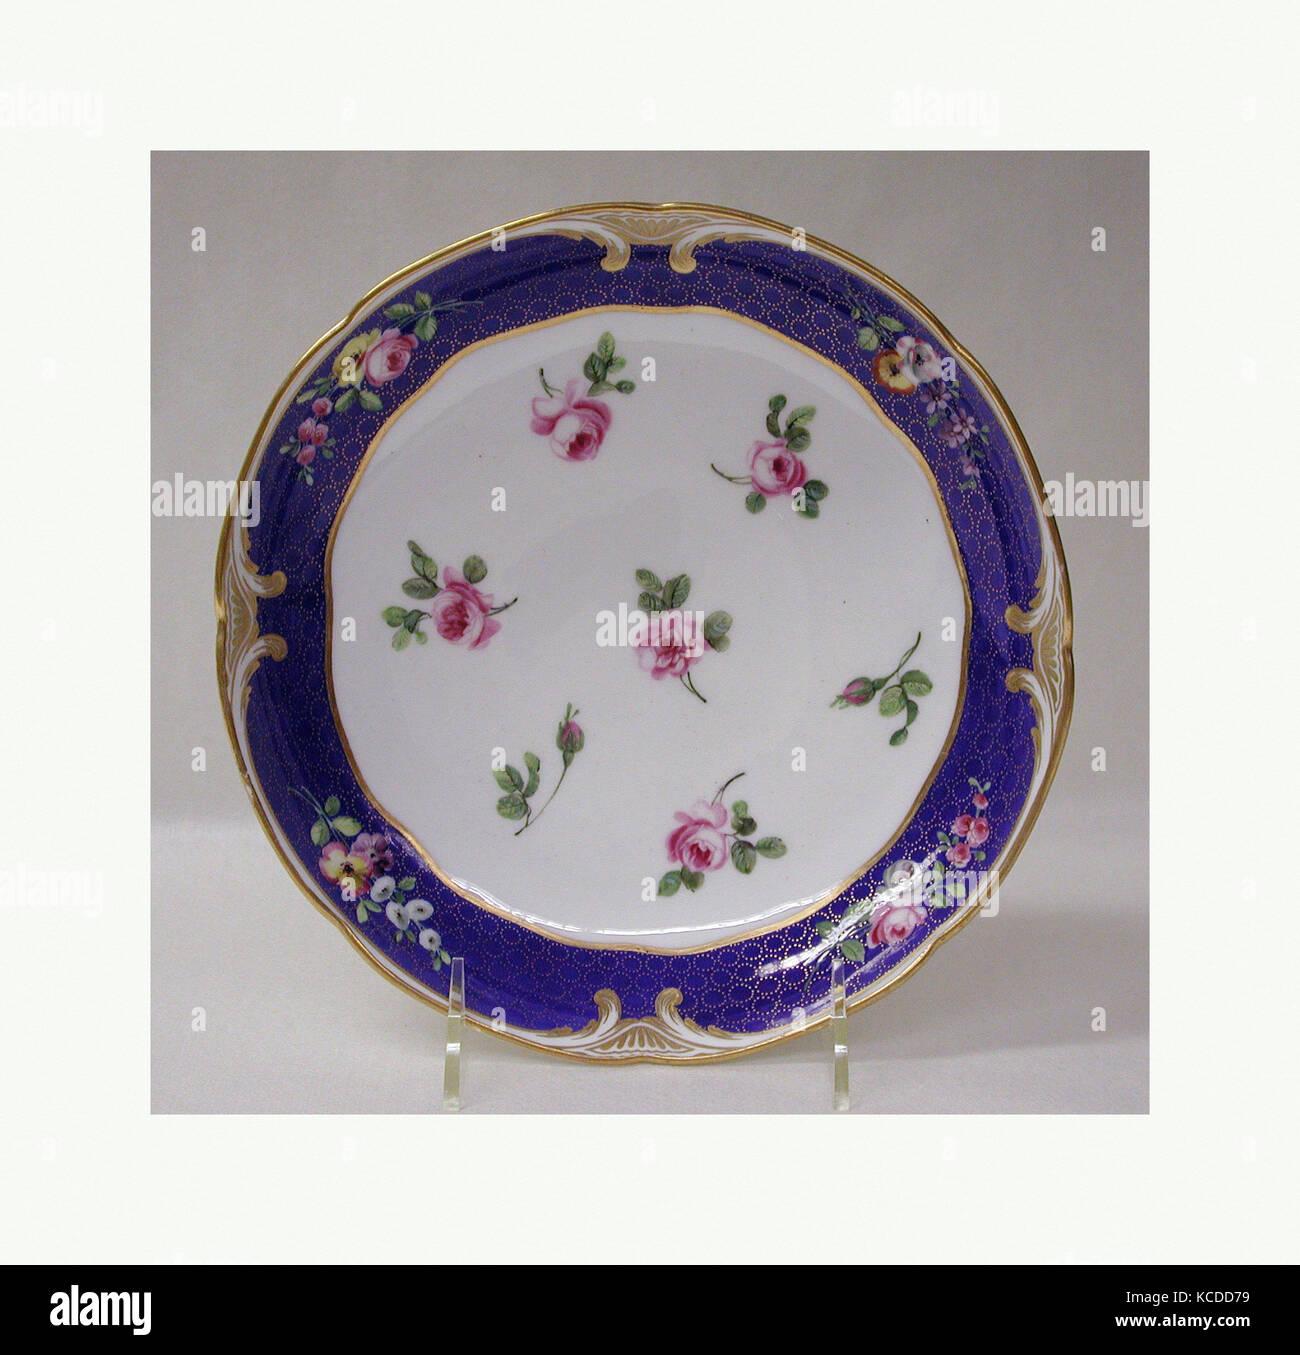 Plat de fruits (compotier rond), 1771, le français, Sèvres, Soft-coller, porcelaine 1 11/16 x 8 3/8 in. Photo Stock